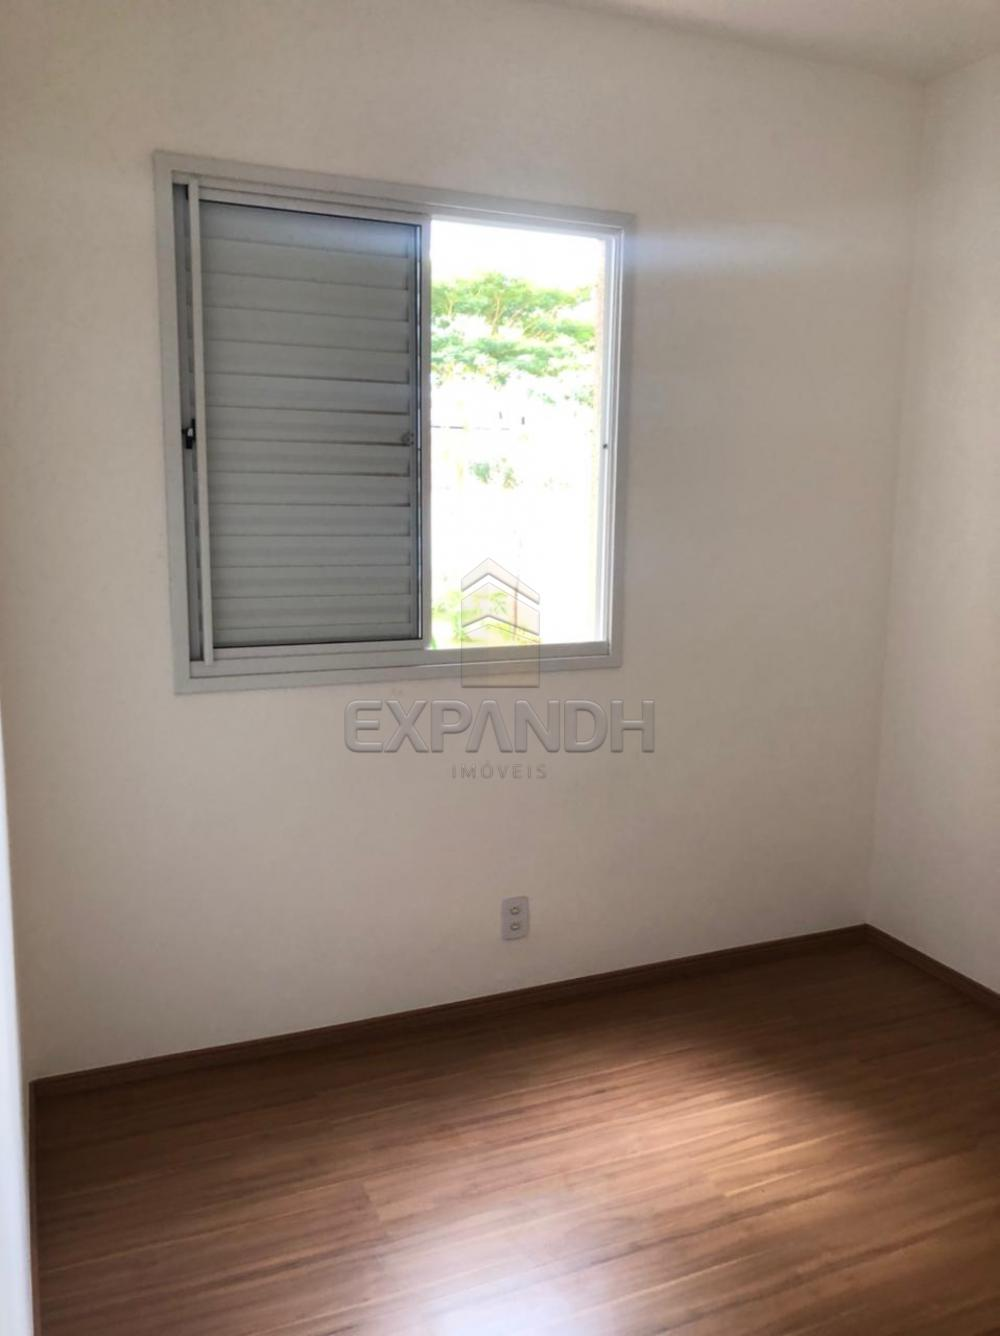 Alugar Apartamentos / Padrão em Sertãozinho R$ 750,00 - Foto 8